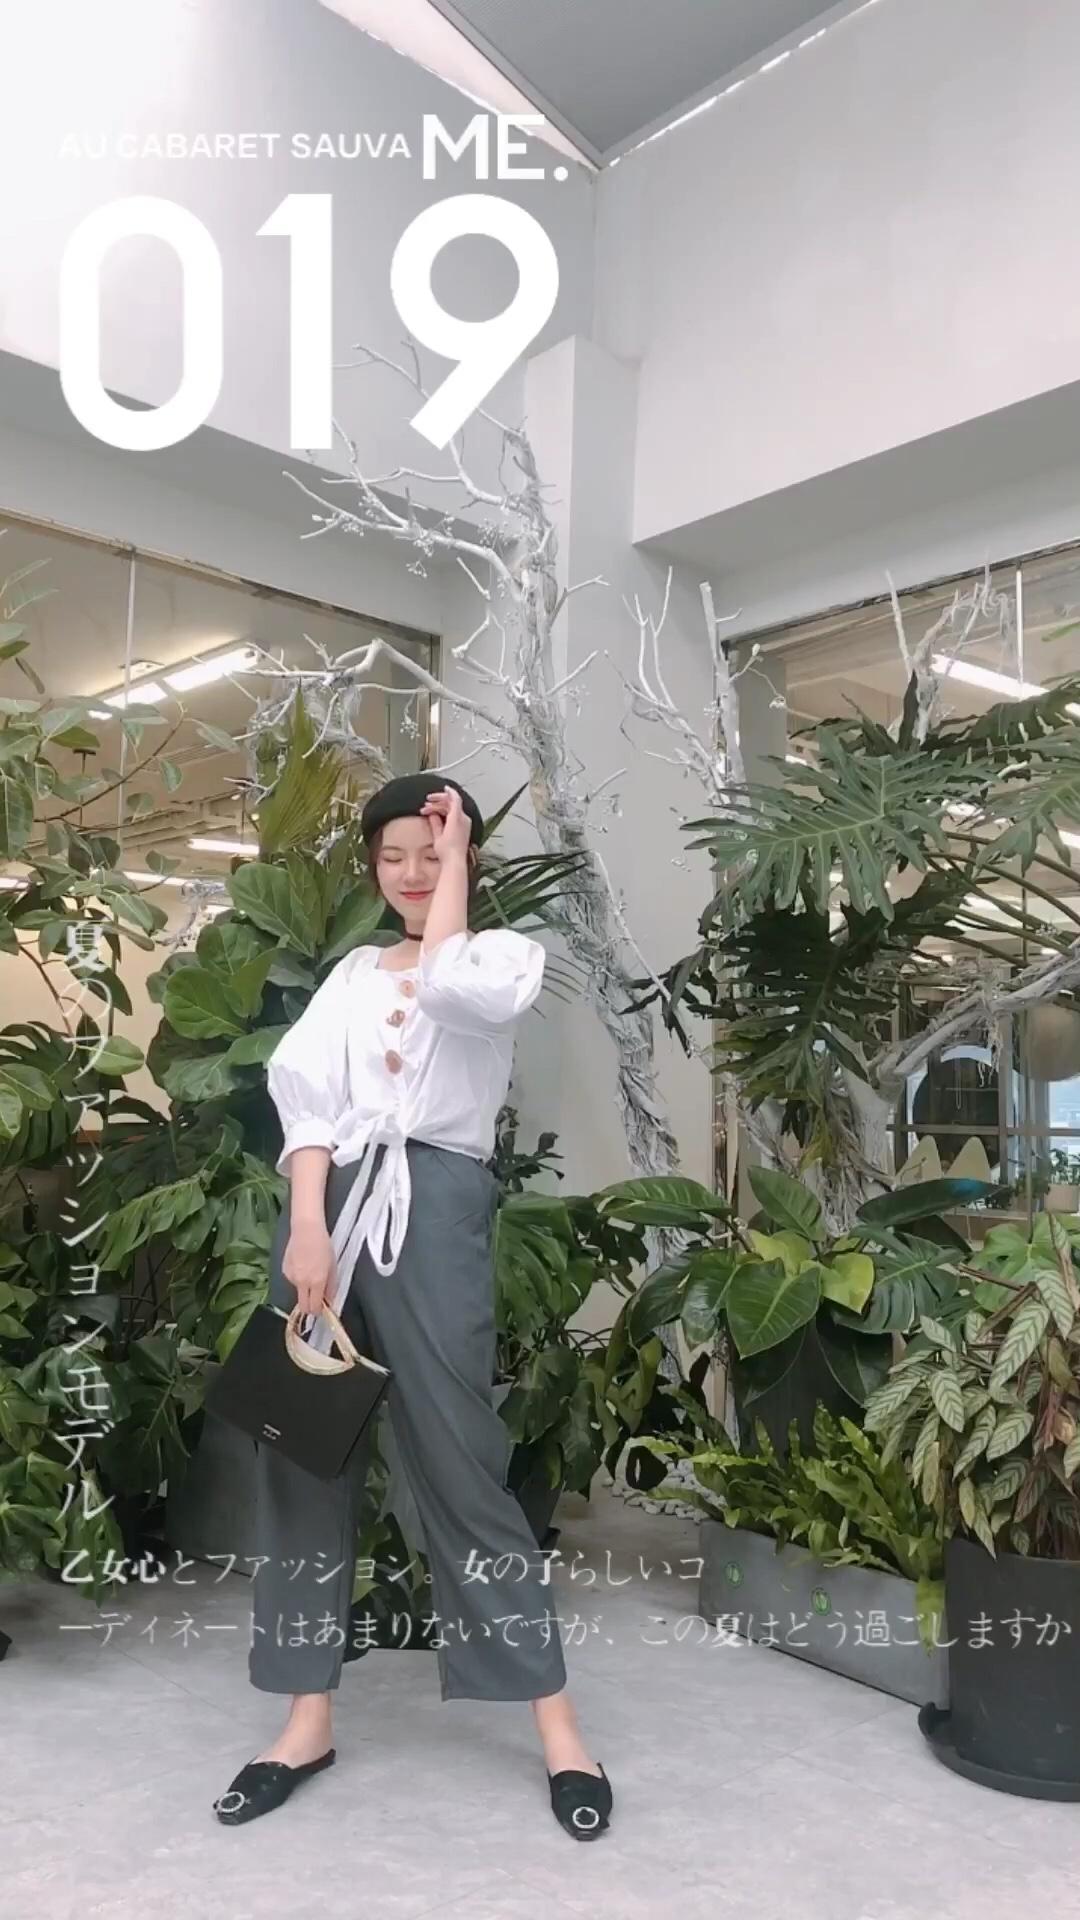 #早秋最受欢迎女生穿搭#  梨形身材女孩必备的阔腿裤 搭配白色衬衫👔职业中带着一份设计感